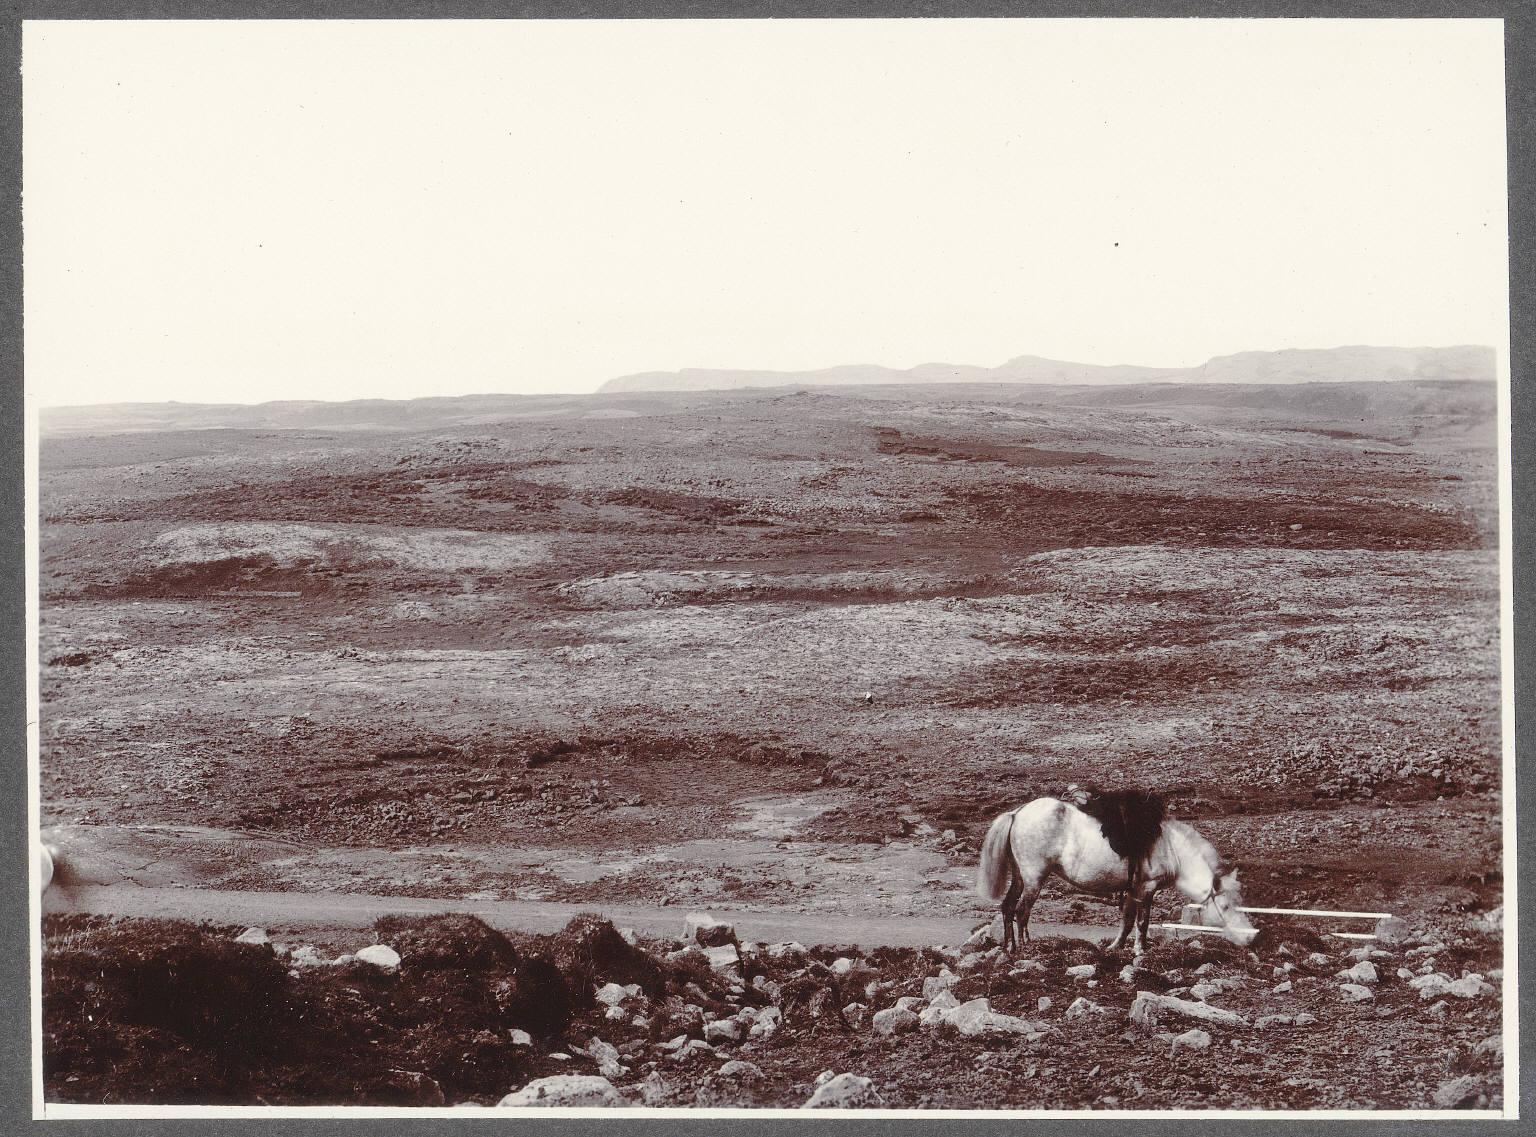 Лавовое поле. Дорога из Рейкьявика в Эльвег